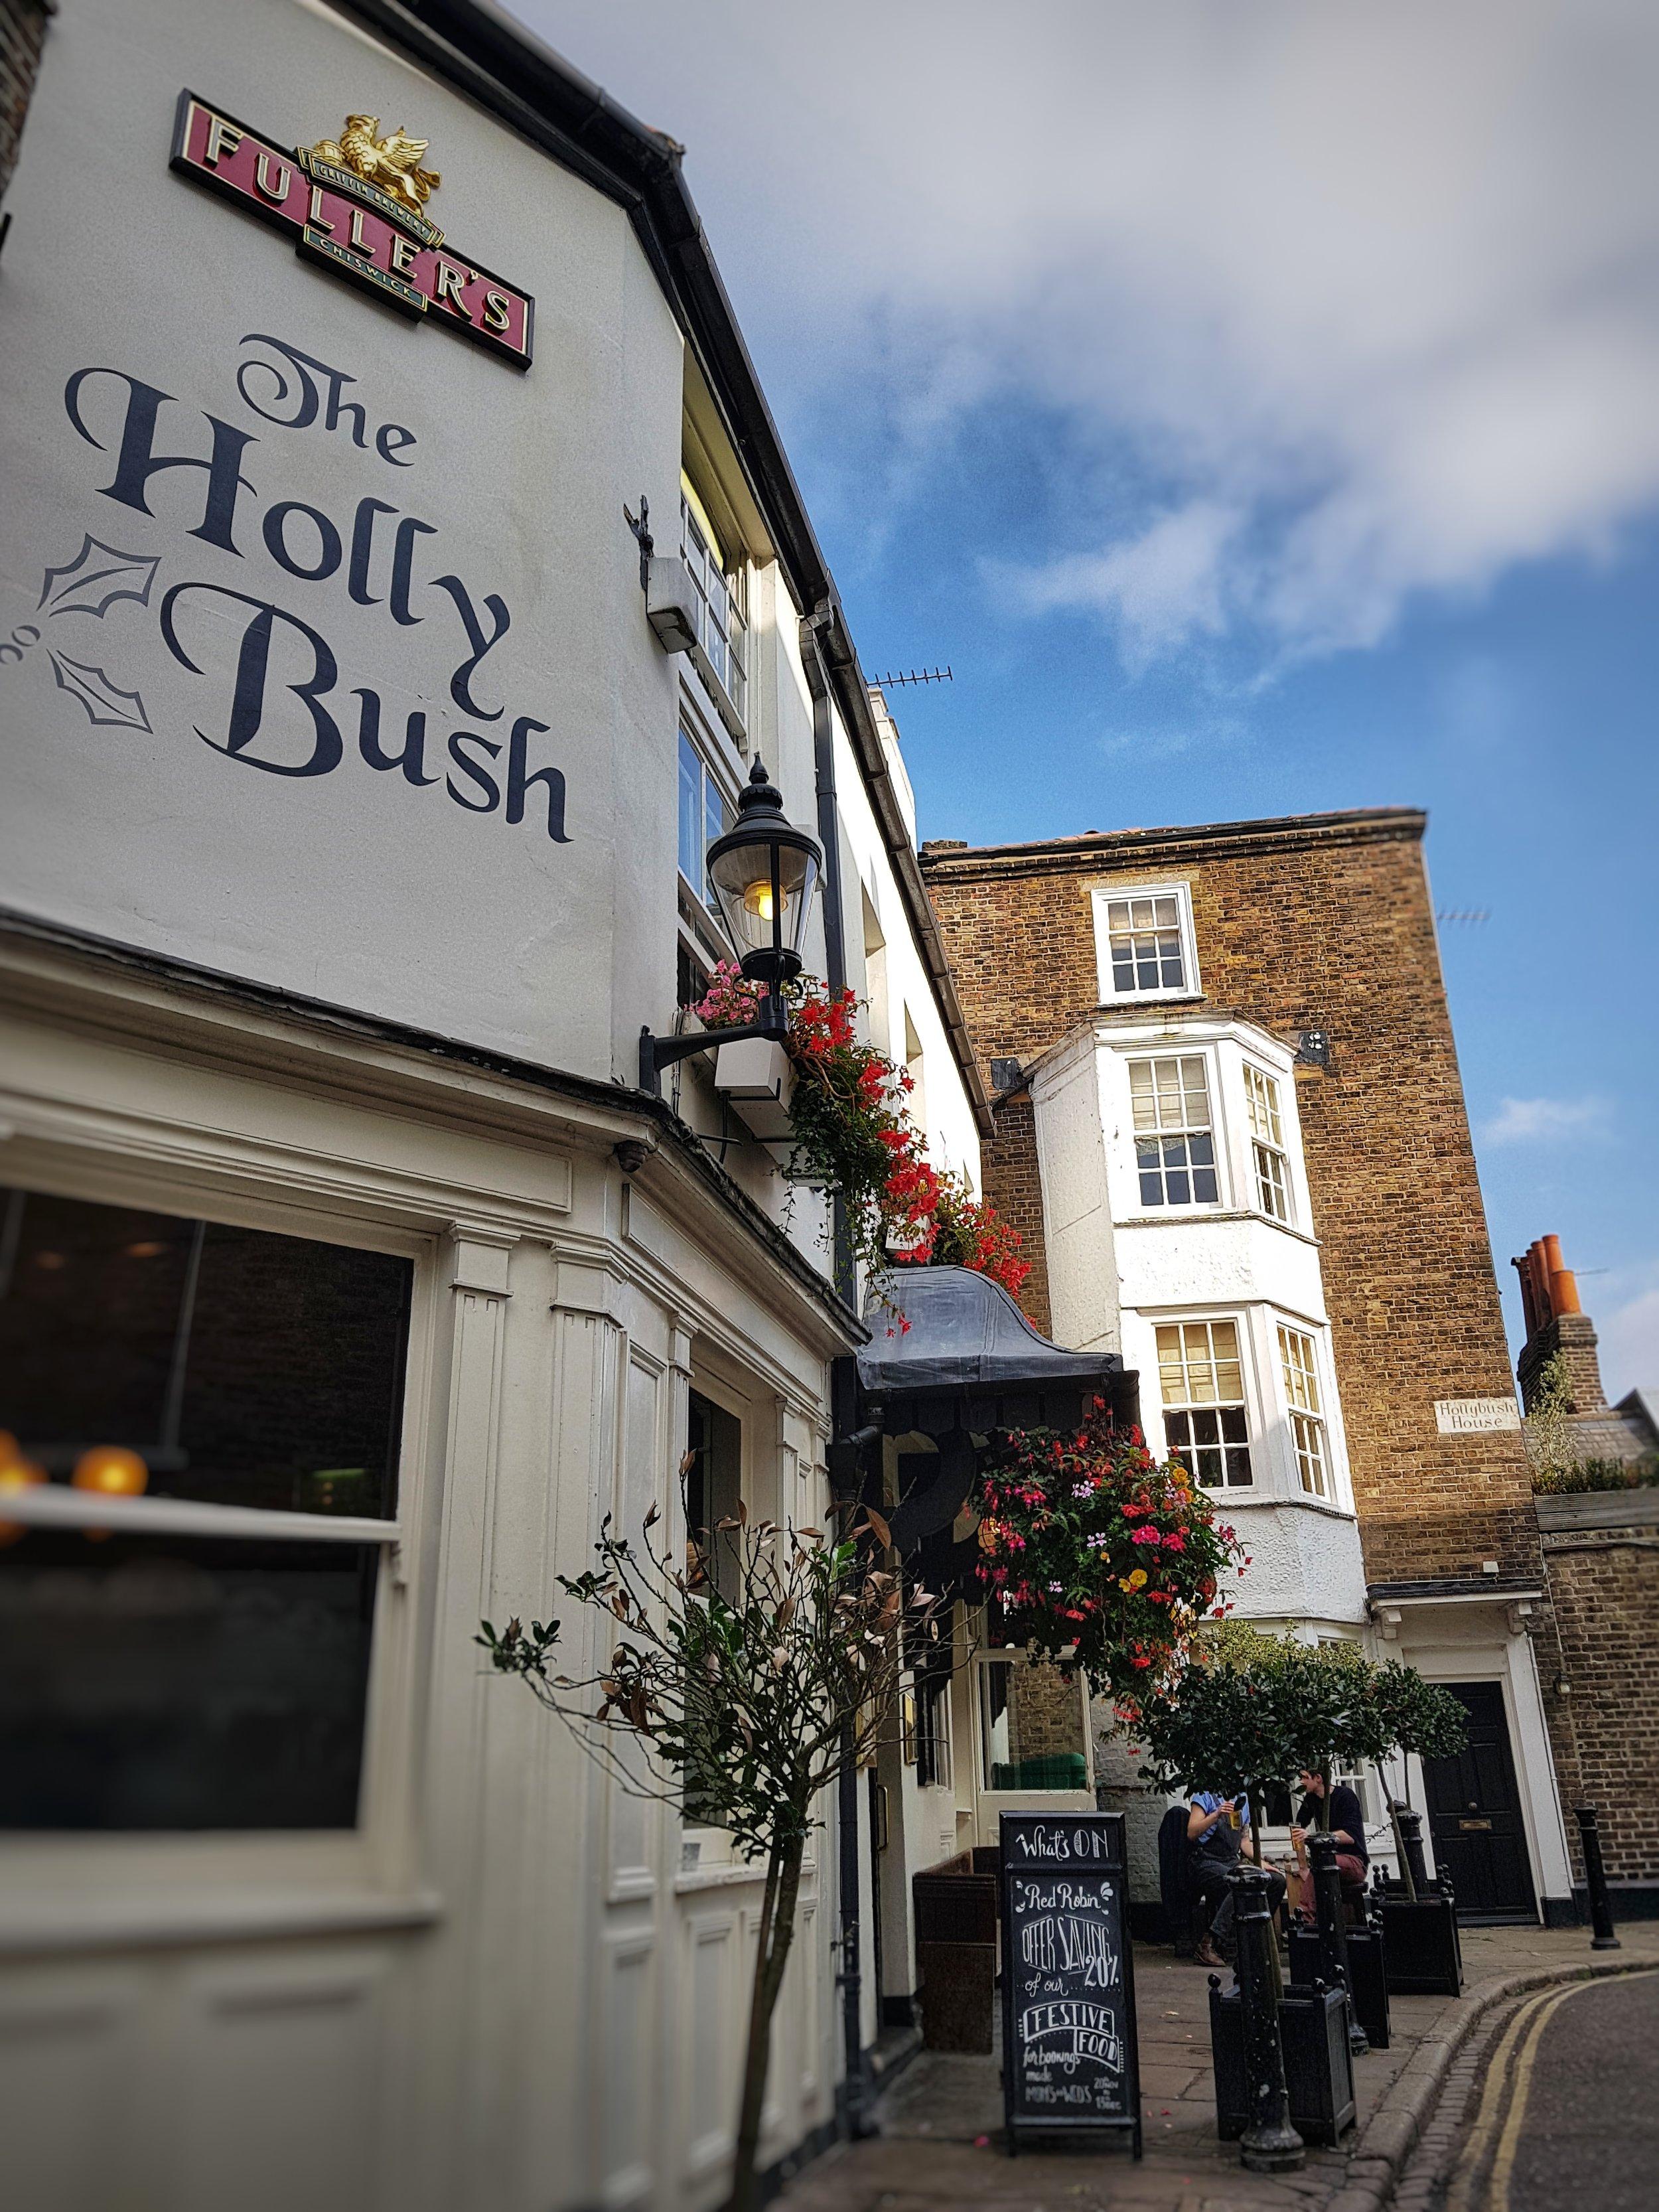 HOLLY BUSH PUB LONDON REVIEW